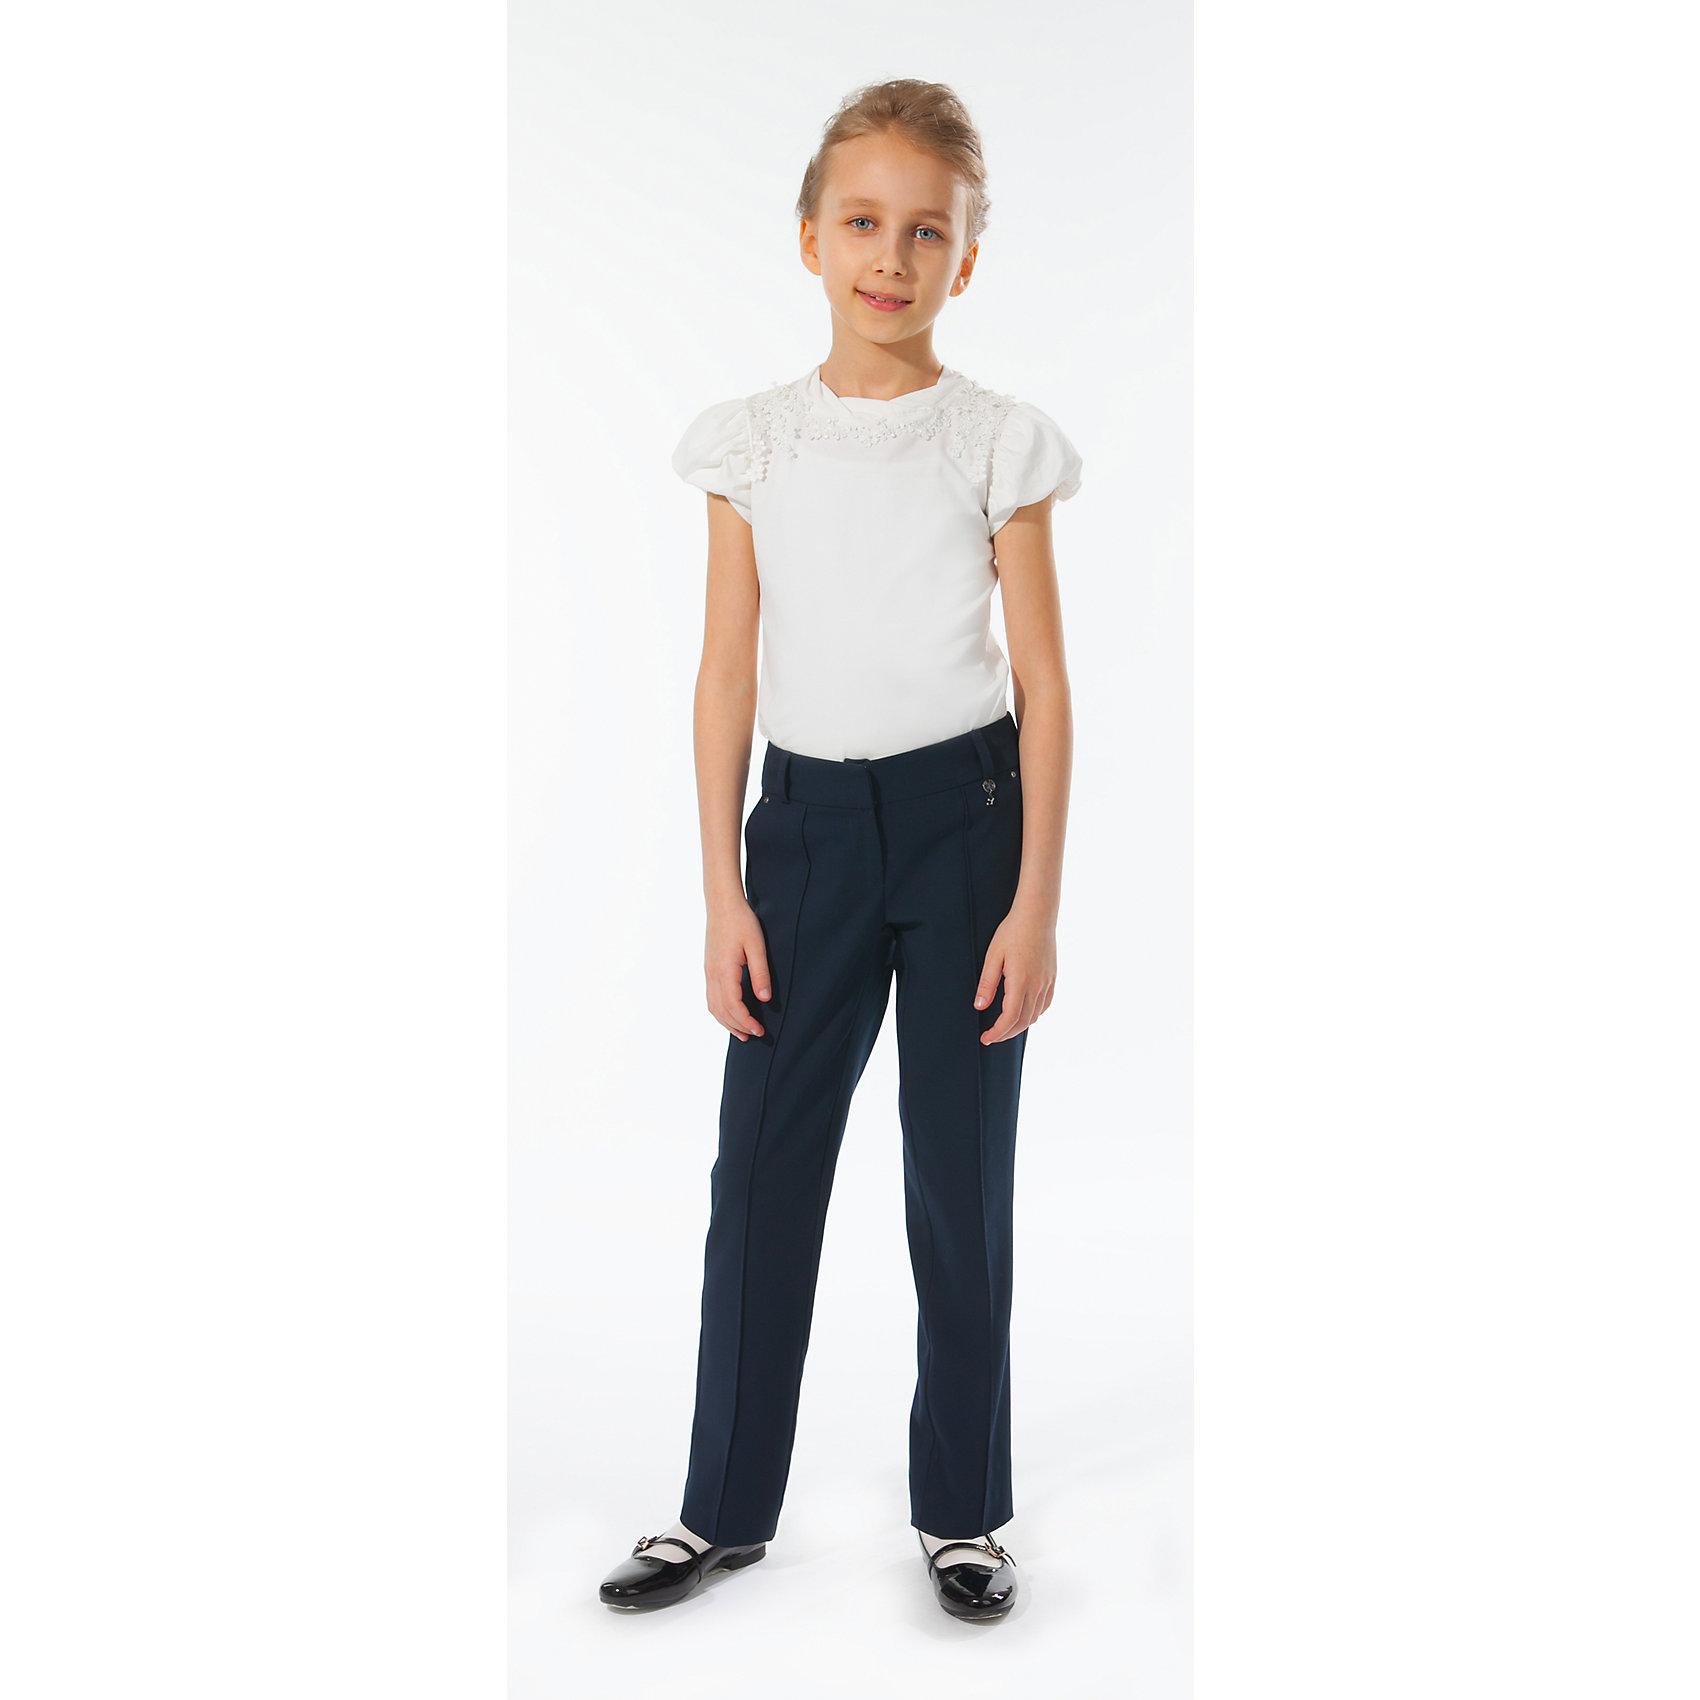 Брюки для девочки Silver SpoonБрюки для девочки Silver Spoon (Сильвер Спун) - идеальная модель для школьных занятий. Стильные брюки обязательно понравятся маленькой моднице и позволят чувствовать себя комфортно на протяжении всего дня. Модель очень мягкая и приятная на ощупь, не сковывает движений, не раздражает кожу и позволяет ей дышать. Брюки прямые со стрелками, застегиваются на пуговицу и молнию. Имеются два втачных кармана по бокам и имитация карманов с клапанами сзади. Также есть шлевки для ремня. Классический покрой позволяет использовать брюки в различных сочетаниях - с блузкой, пиджаками и другими предметами школьного гардероба. Все модели Сильвер Спун предназначены для повседневного интенсивного использования и выполнены из прочных тканей, которые позволяют вещам выглядеть великолепно на протяжении длительного срока эксплуатации. Рекомендуется ручная стирка, гладить при низкой температуре.<br><br>Дополнительная информация:<br><br>- Цвет: темно-синий.<br>- Материал: 63% полиэстер, 32% вискоза, 5% спандекс.<br> <br>Брюки для девочки, Silver Spoon (Сильвер Спун), можно купить в нашем интернет-магазине.<br><br>Ширина мм: 215<br>Глубина мм: 88<br>Высота мм: 191<br>Вес г: 336<br>Цвет: разноцветный<br>Возраст от месяцев: 120<br>Возраст до месяцев: 132<br>Пол: Женский<br>Возраст: Детский<br>Размер: 146,140,134,152,164,158,128<br>SKU: 4145974